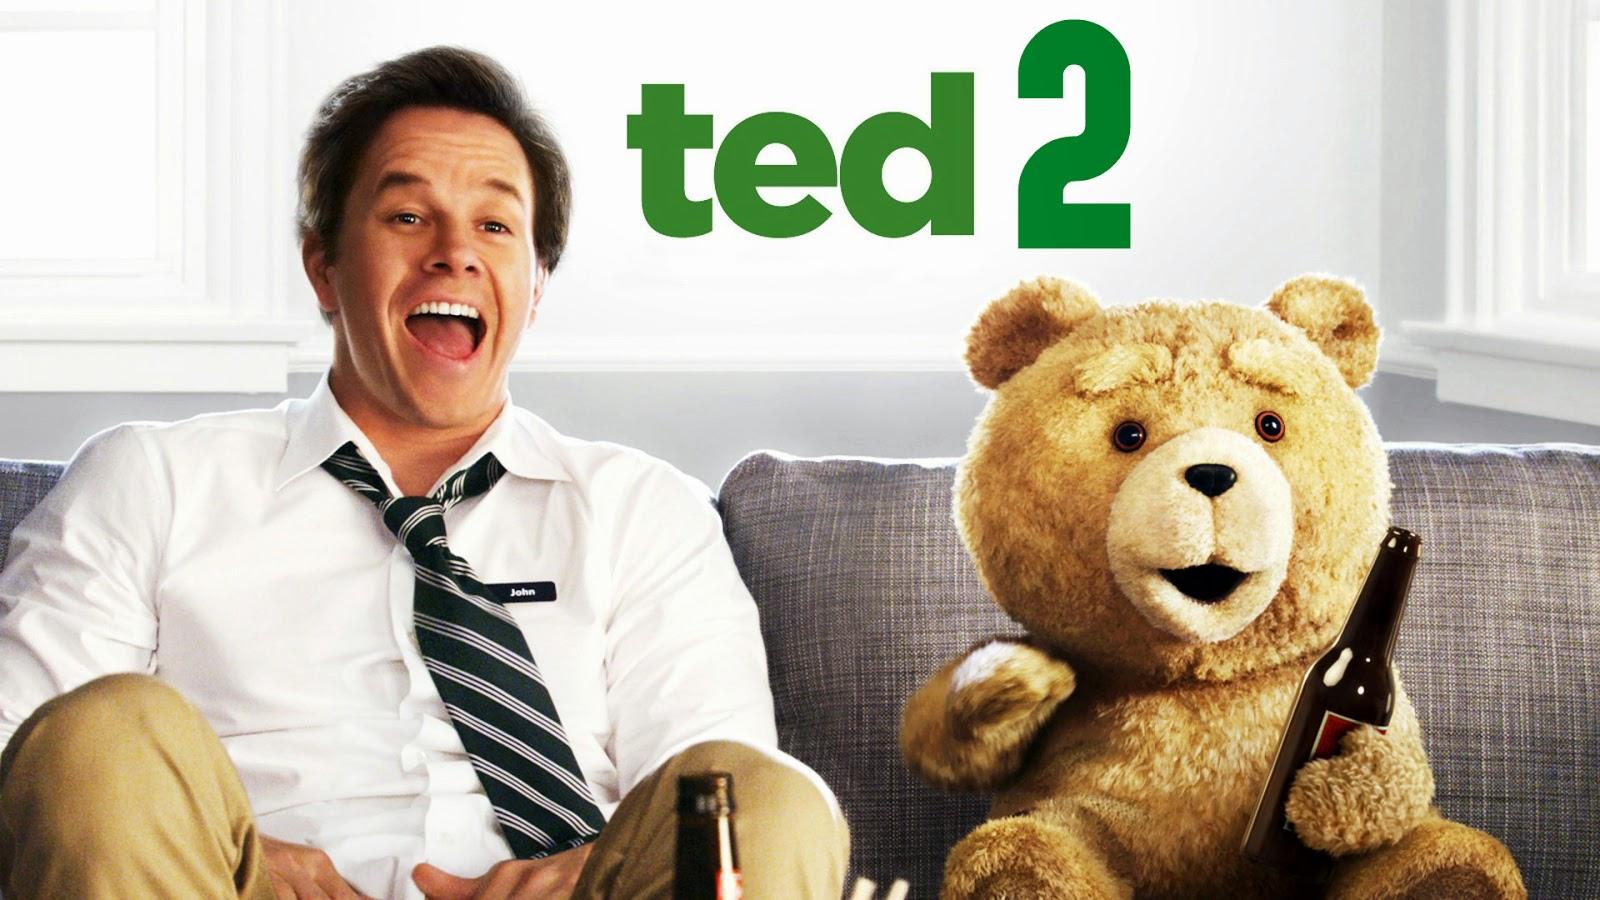 Vuelve el oso animado, Ted 2